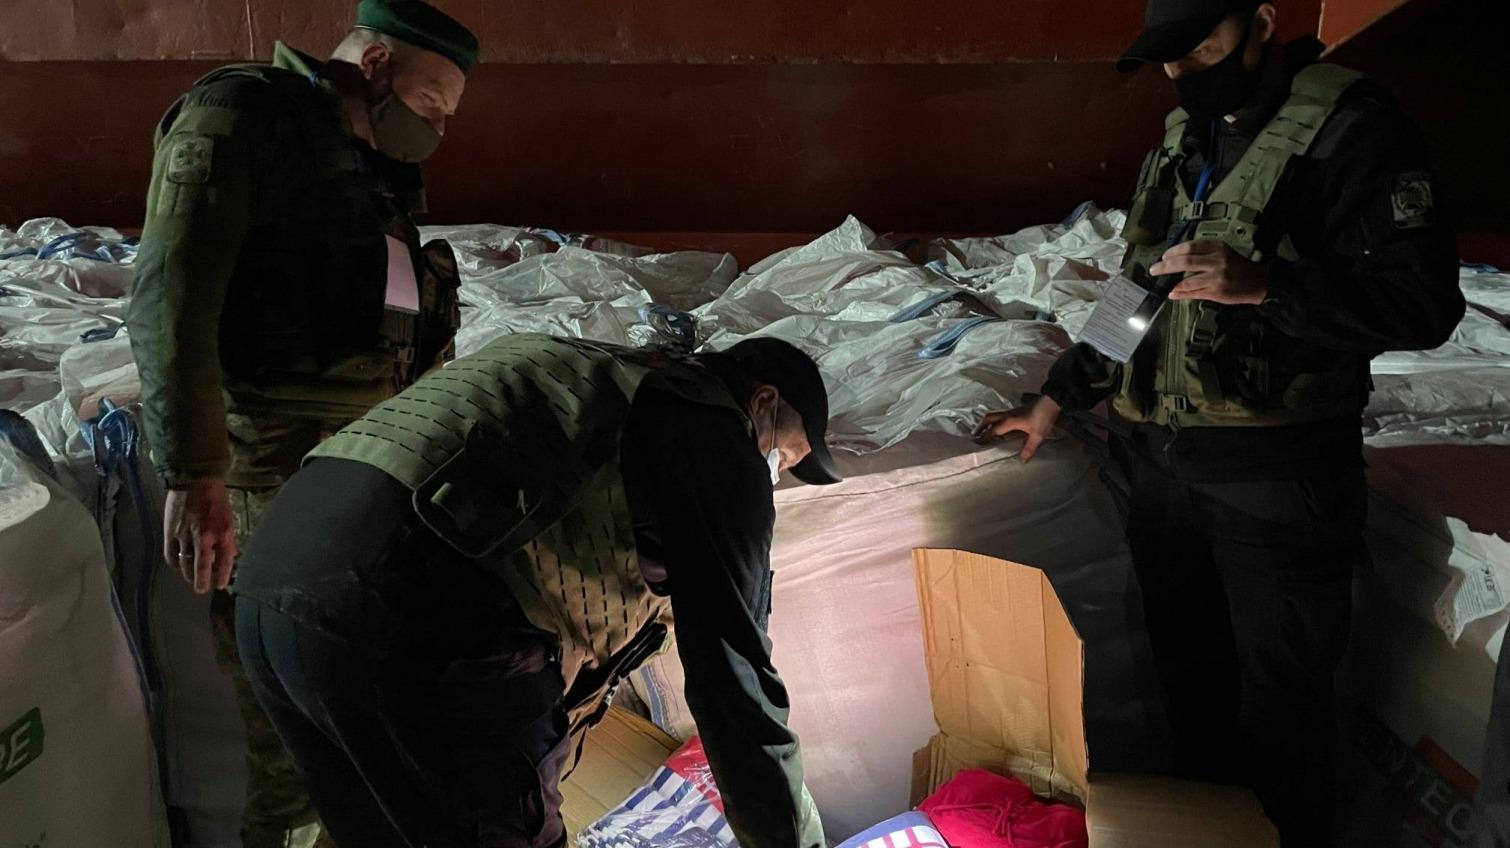 13 тонн контрабанды под видом цемента задержали одесские пограничники (фото, видео) «фото»